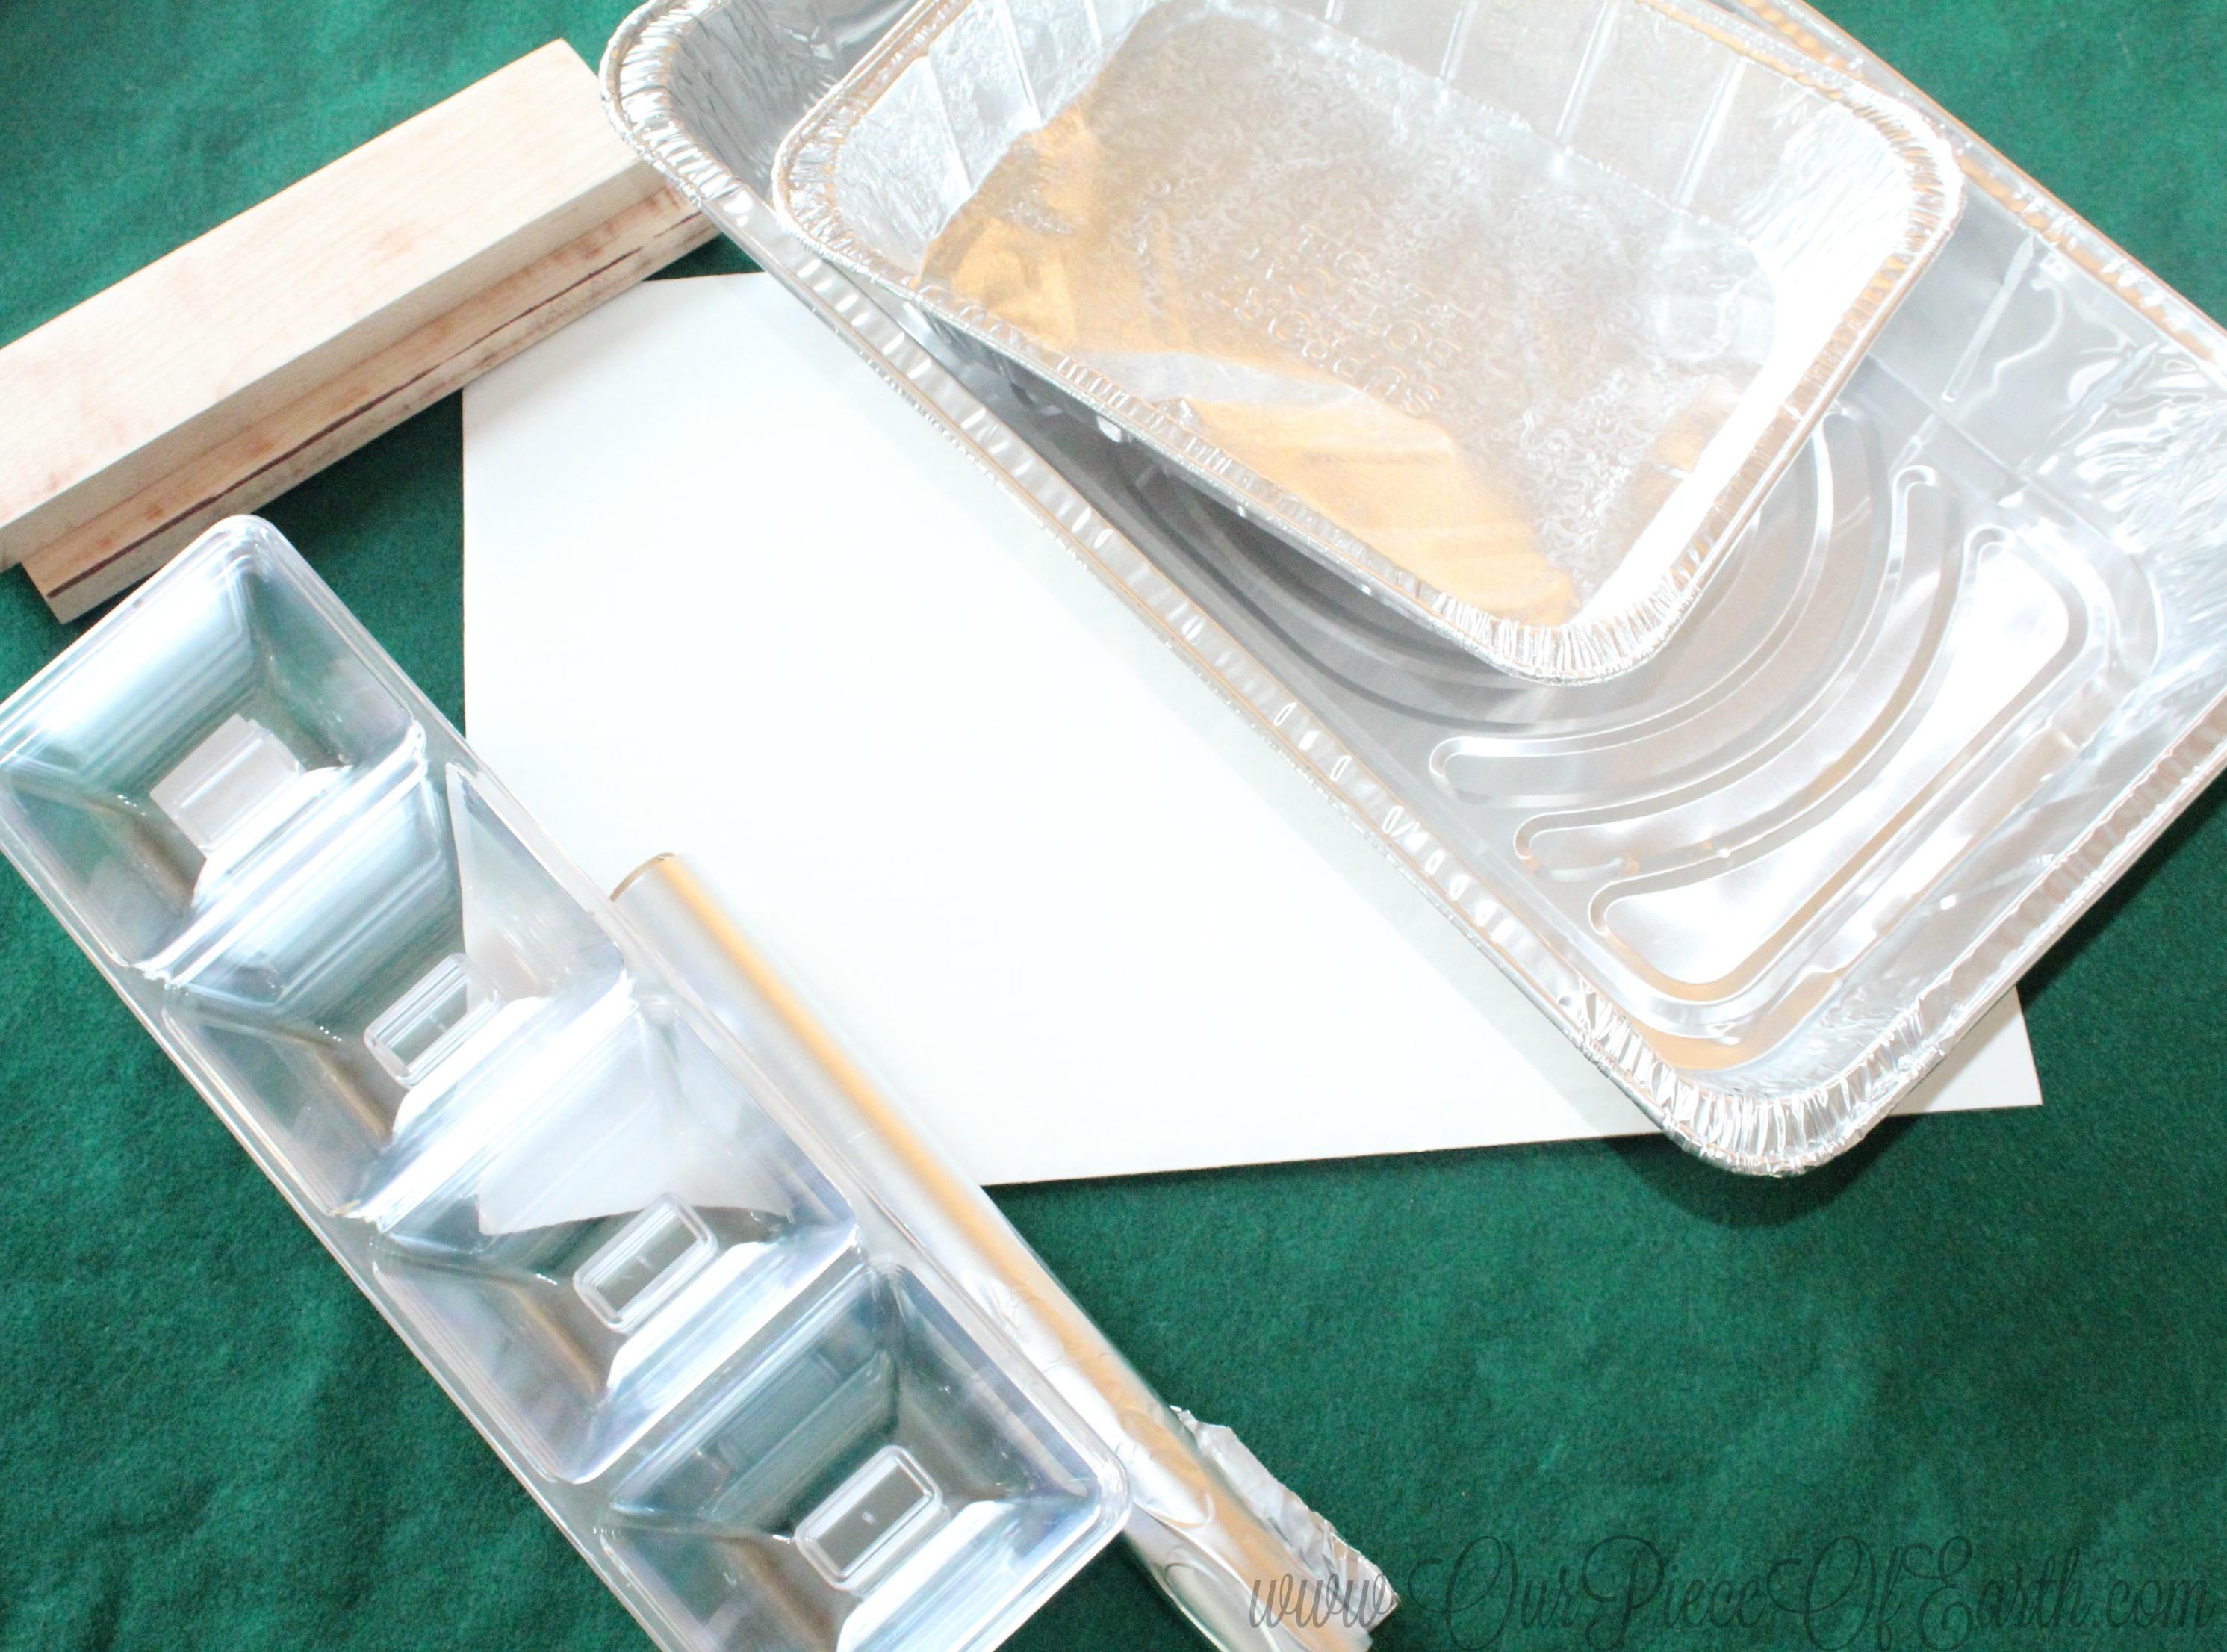 Materials for stadium